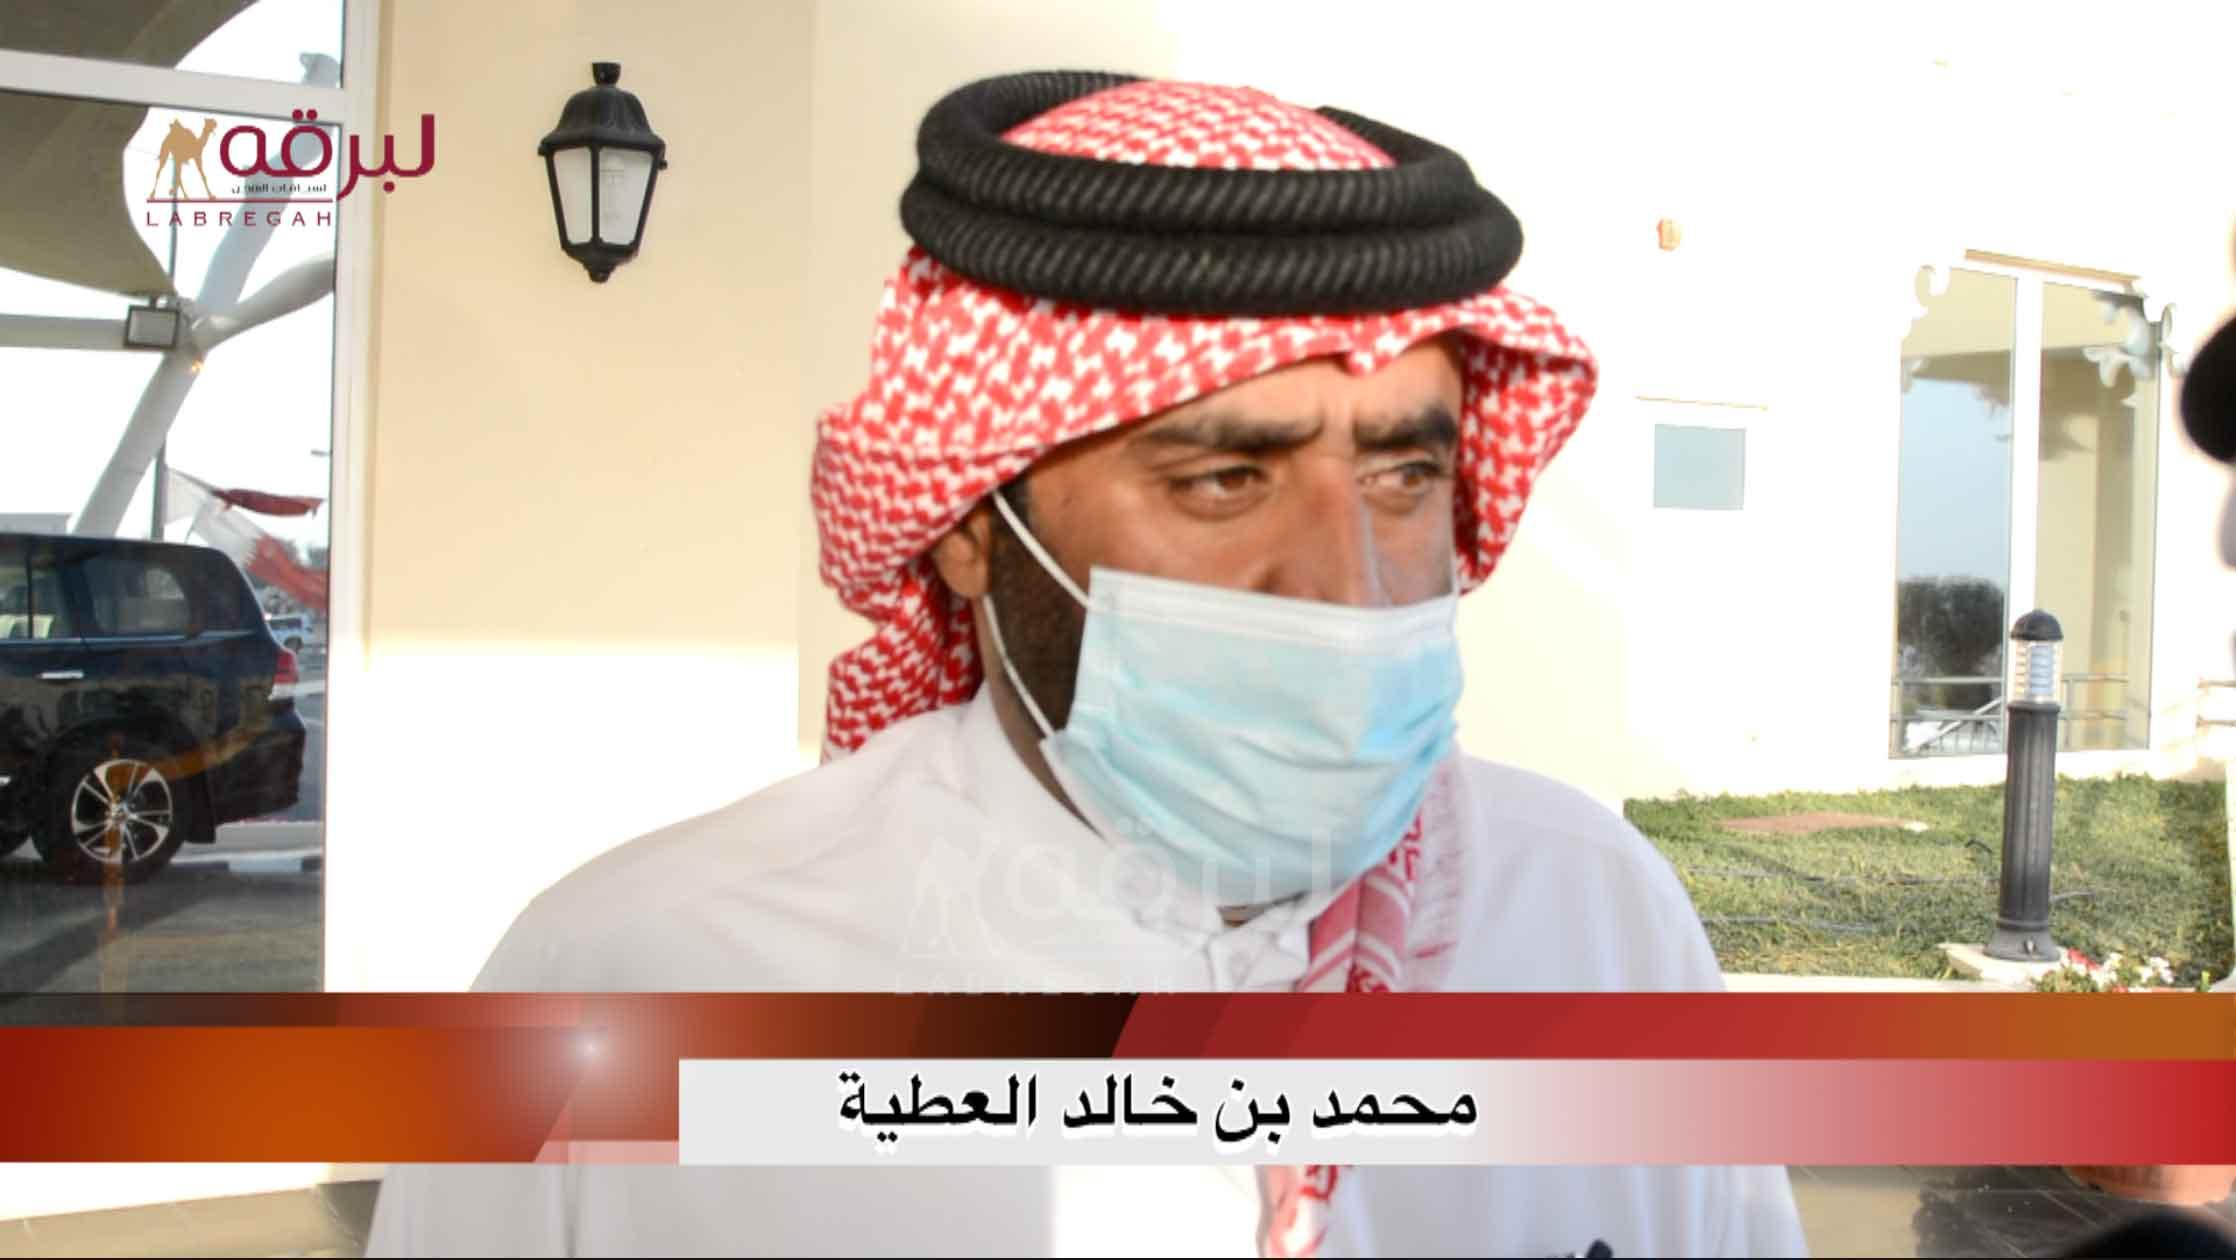 لقاء مع محمد بن خالد العطية.. الشلفة الذهبية حيل « عمانيات » الأشواط المفتوحة  ٢٧-١-٢٠٢١